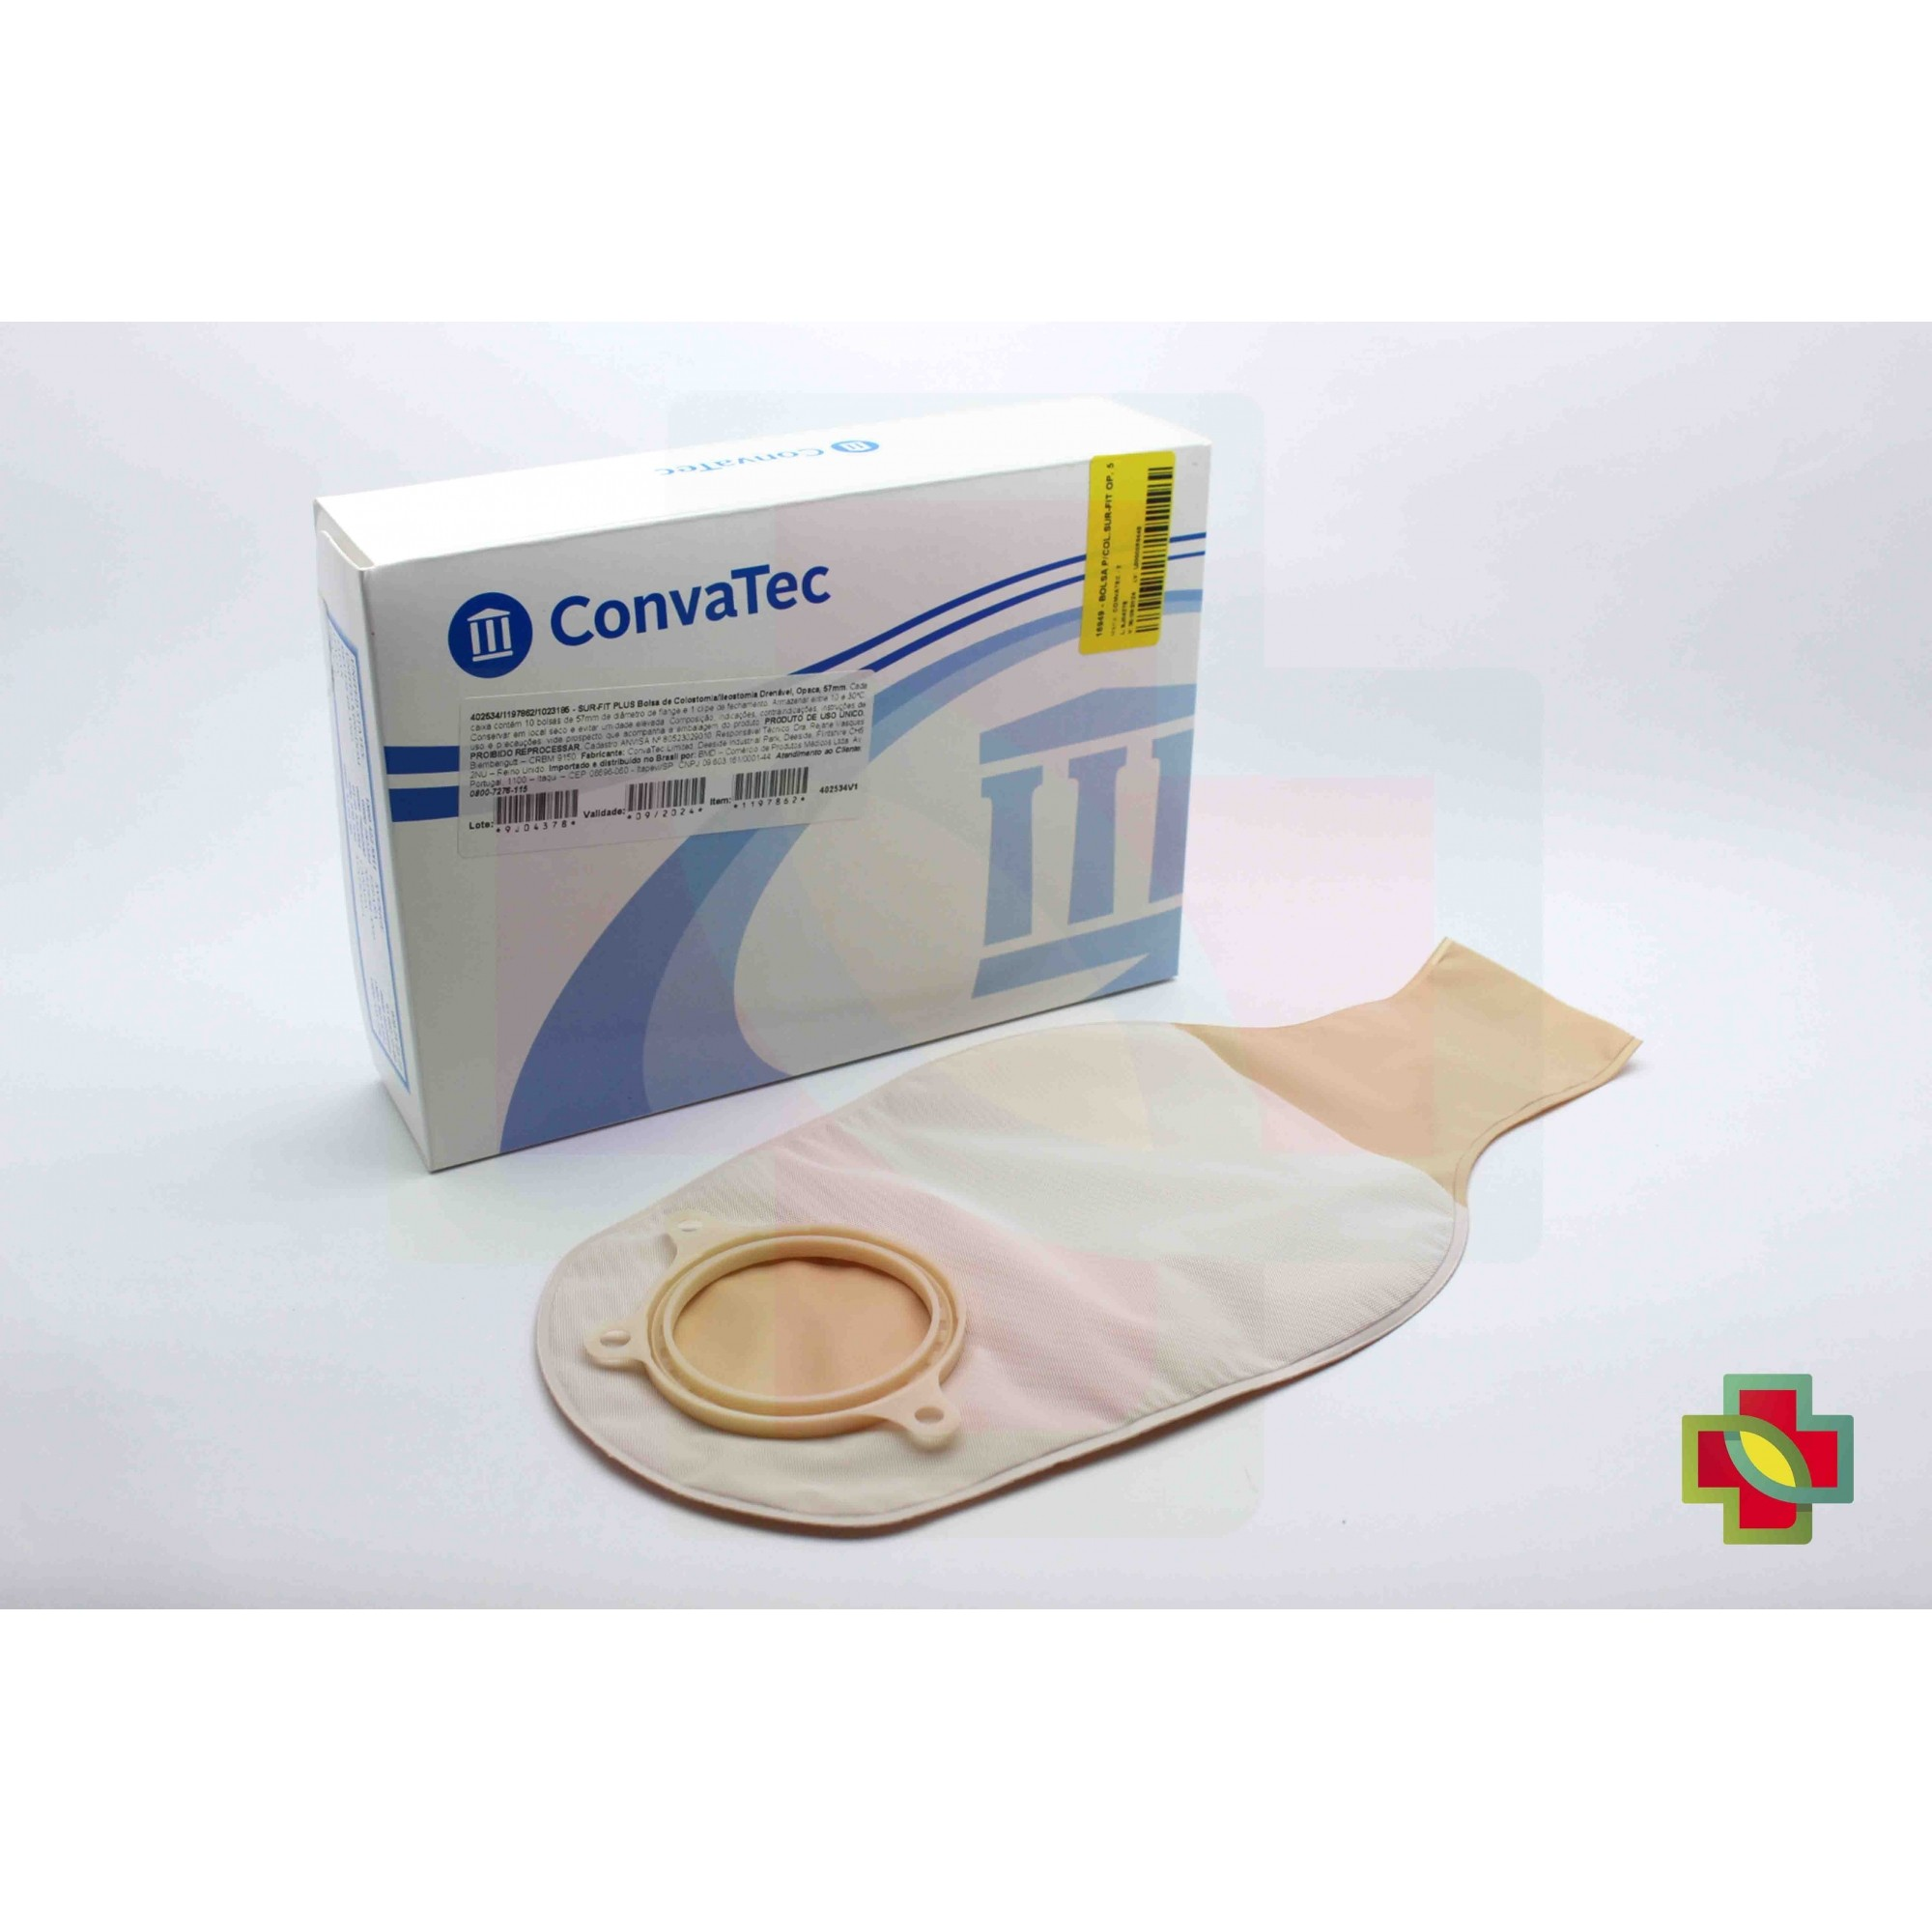 BOLSA DE COLOSTOMIA SUR-FIT PLUS 2 PEÇAS OPACA 57MM (C/10) 402534 - CONVATEC